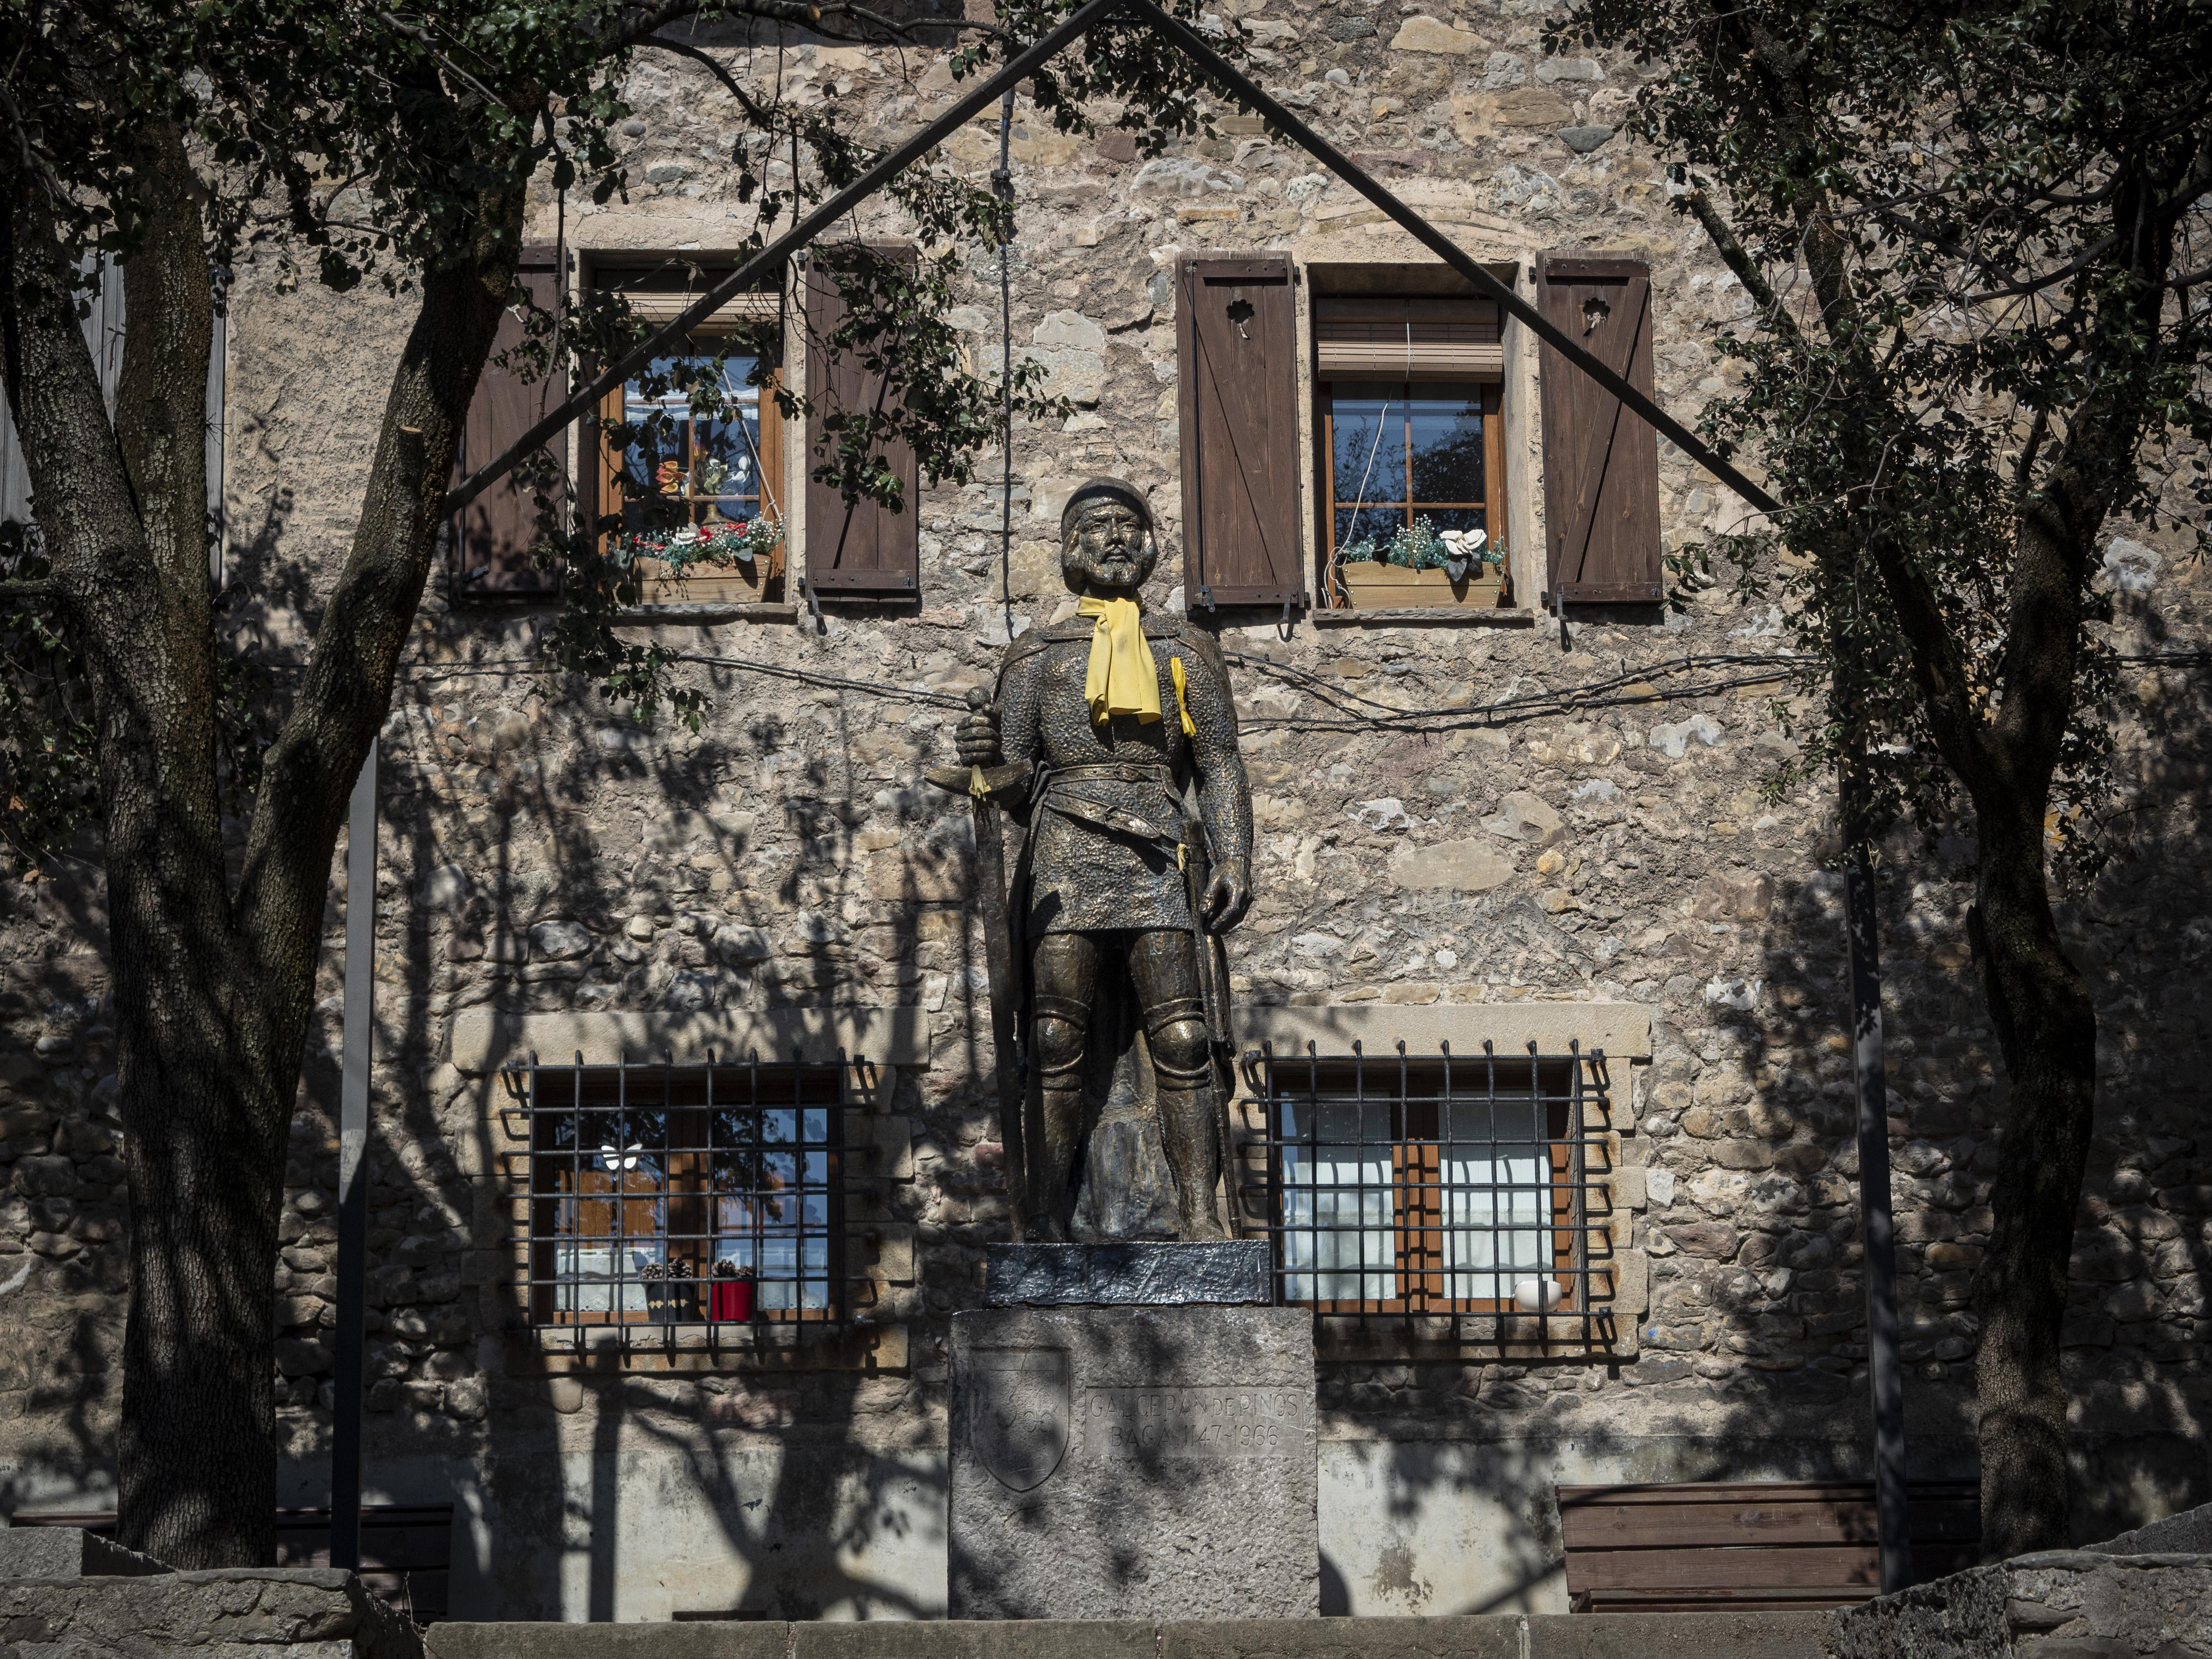 Una estàtua de Galceran de Pinós presideix la Plaça Porxada de Bagà. FOTO: Anna E. Puig